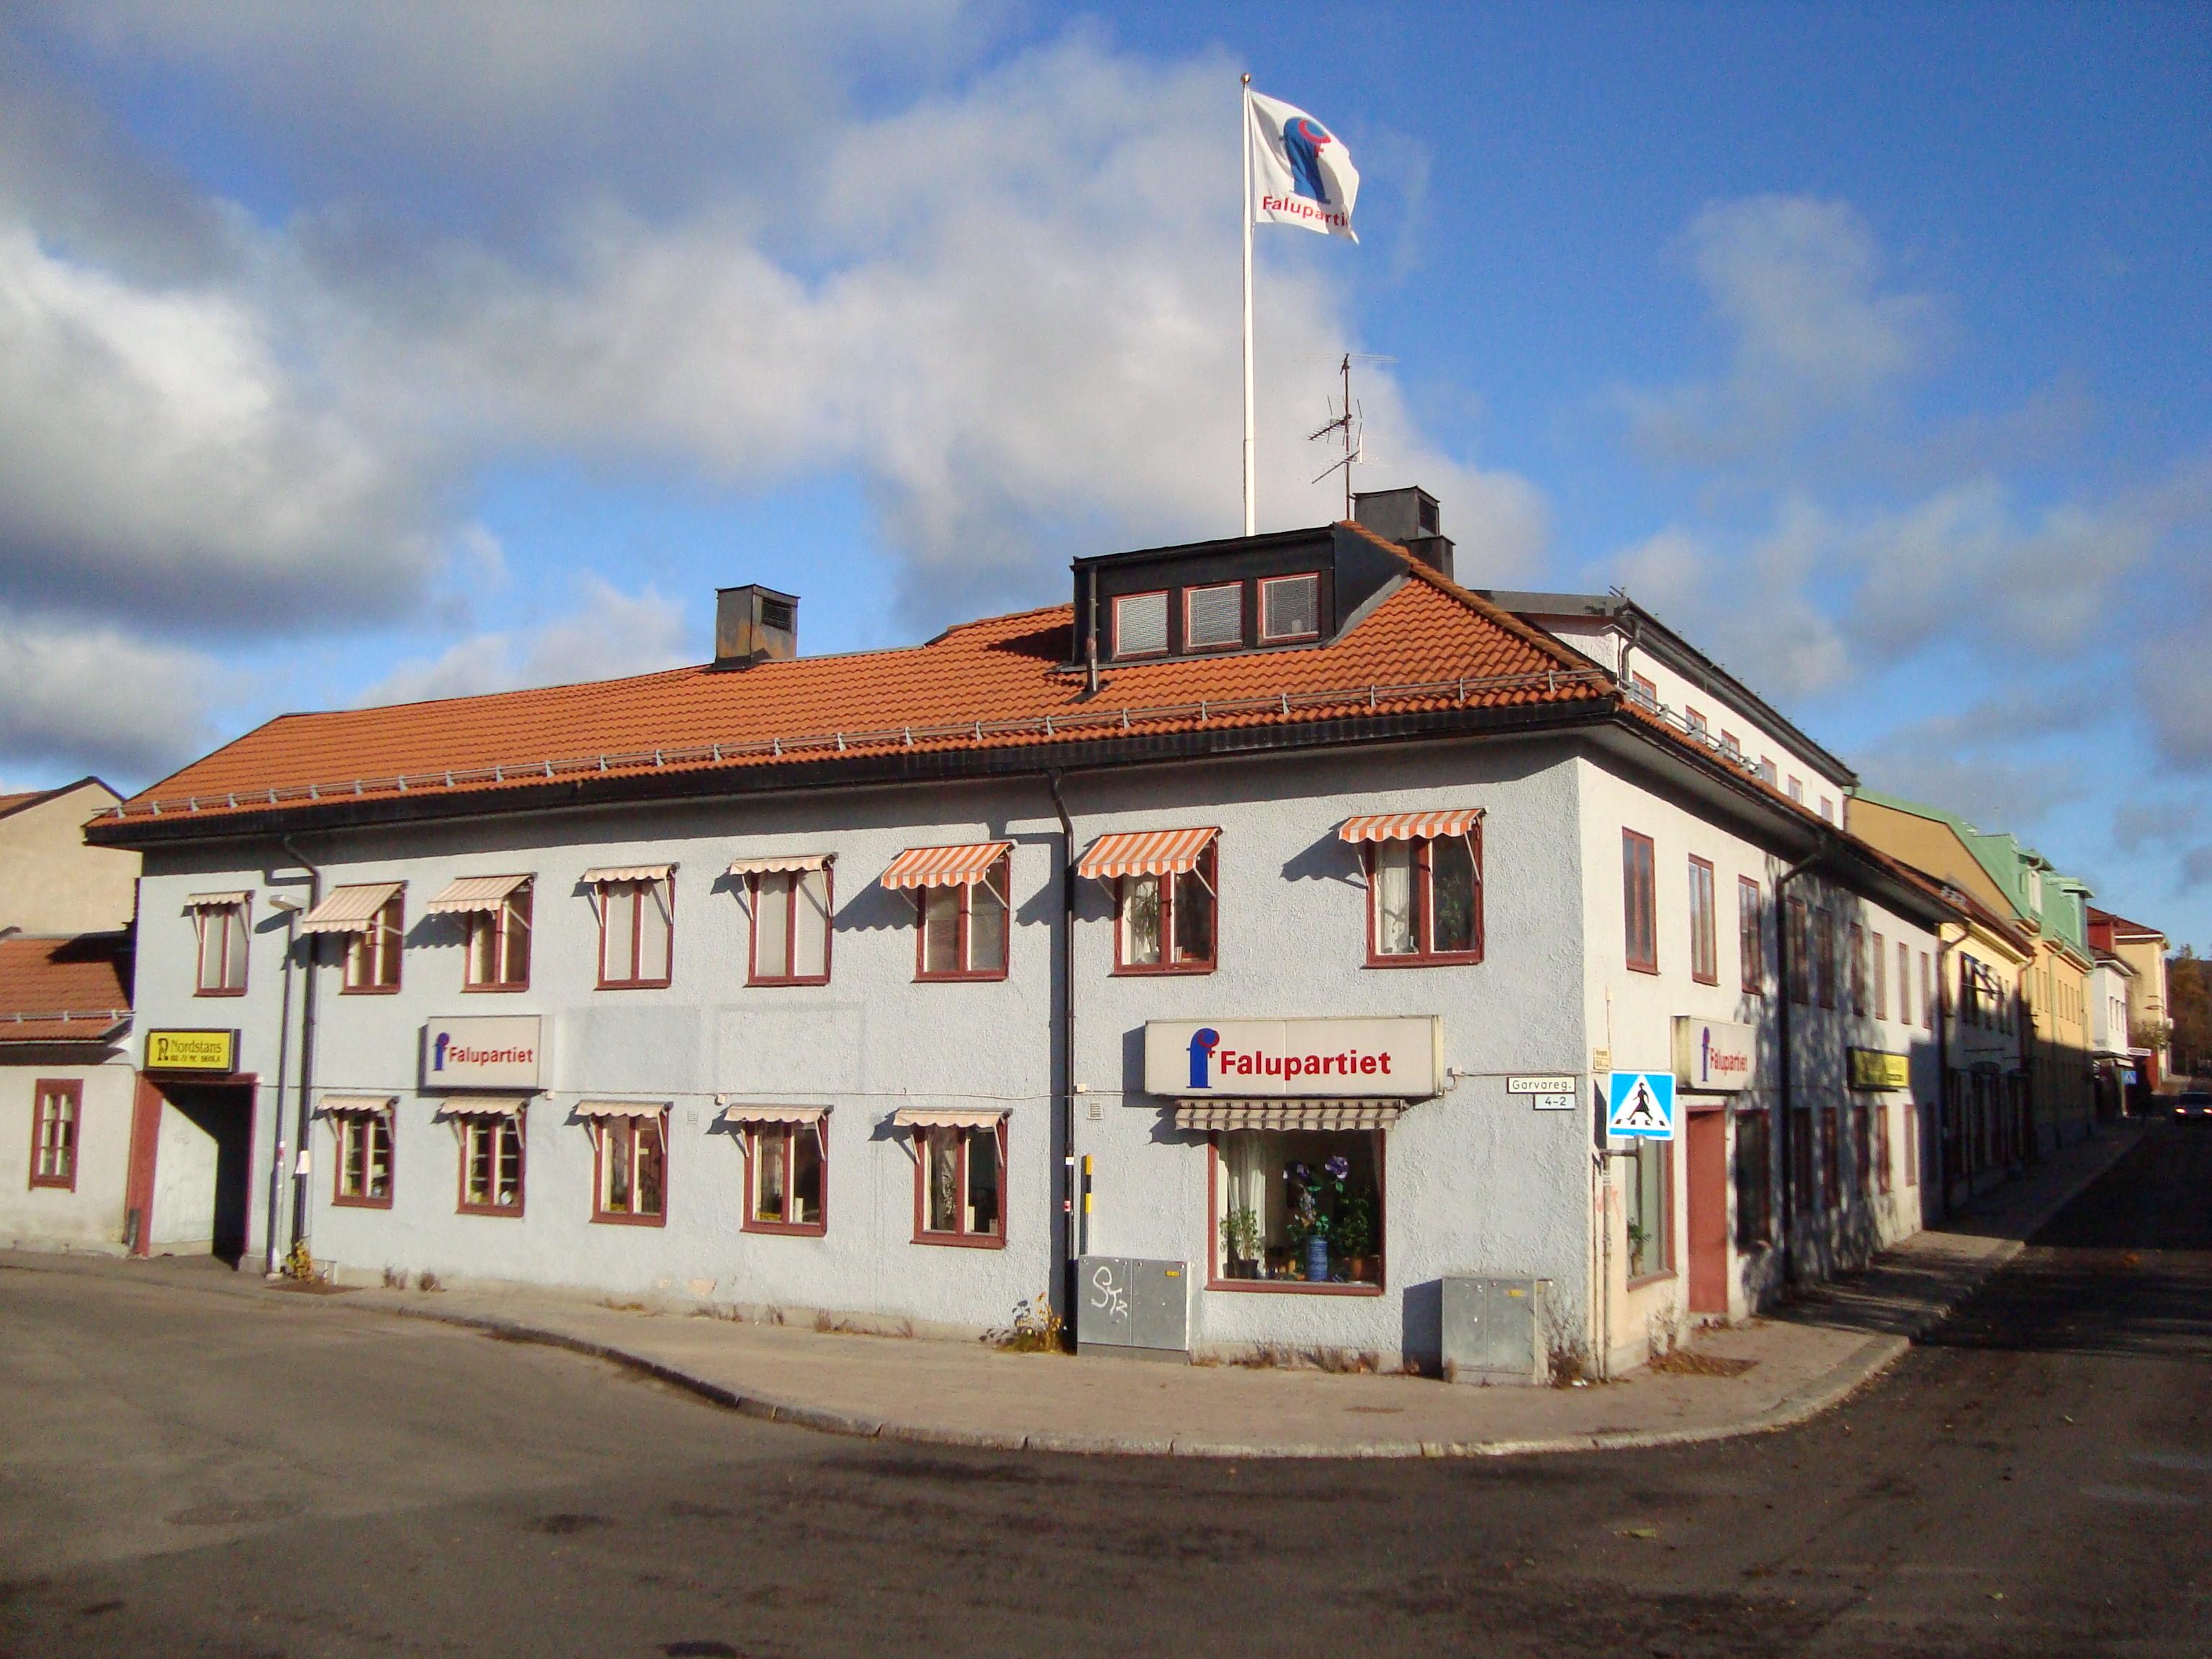 lokaler falun